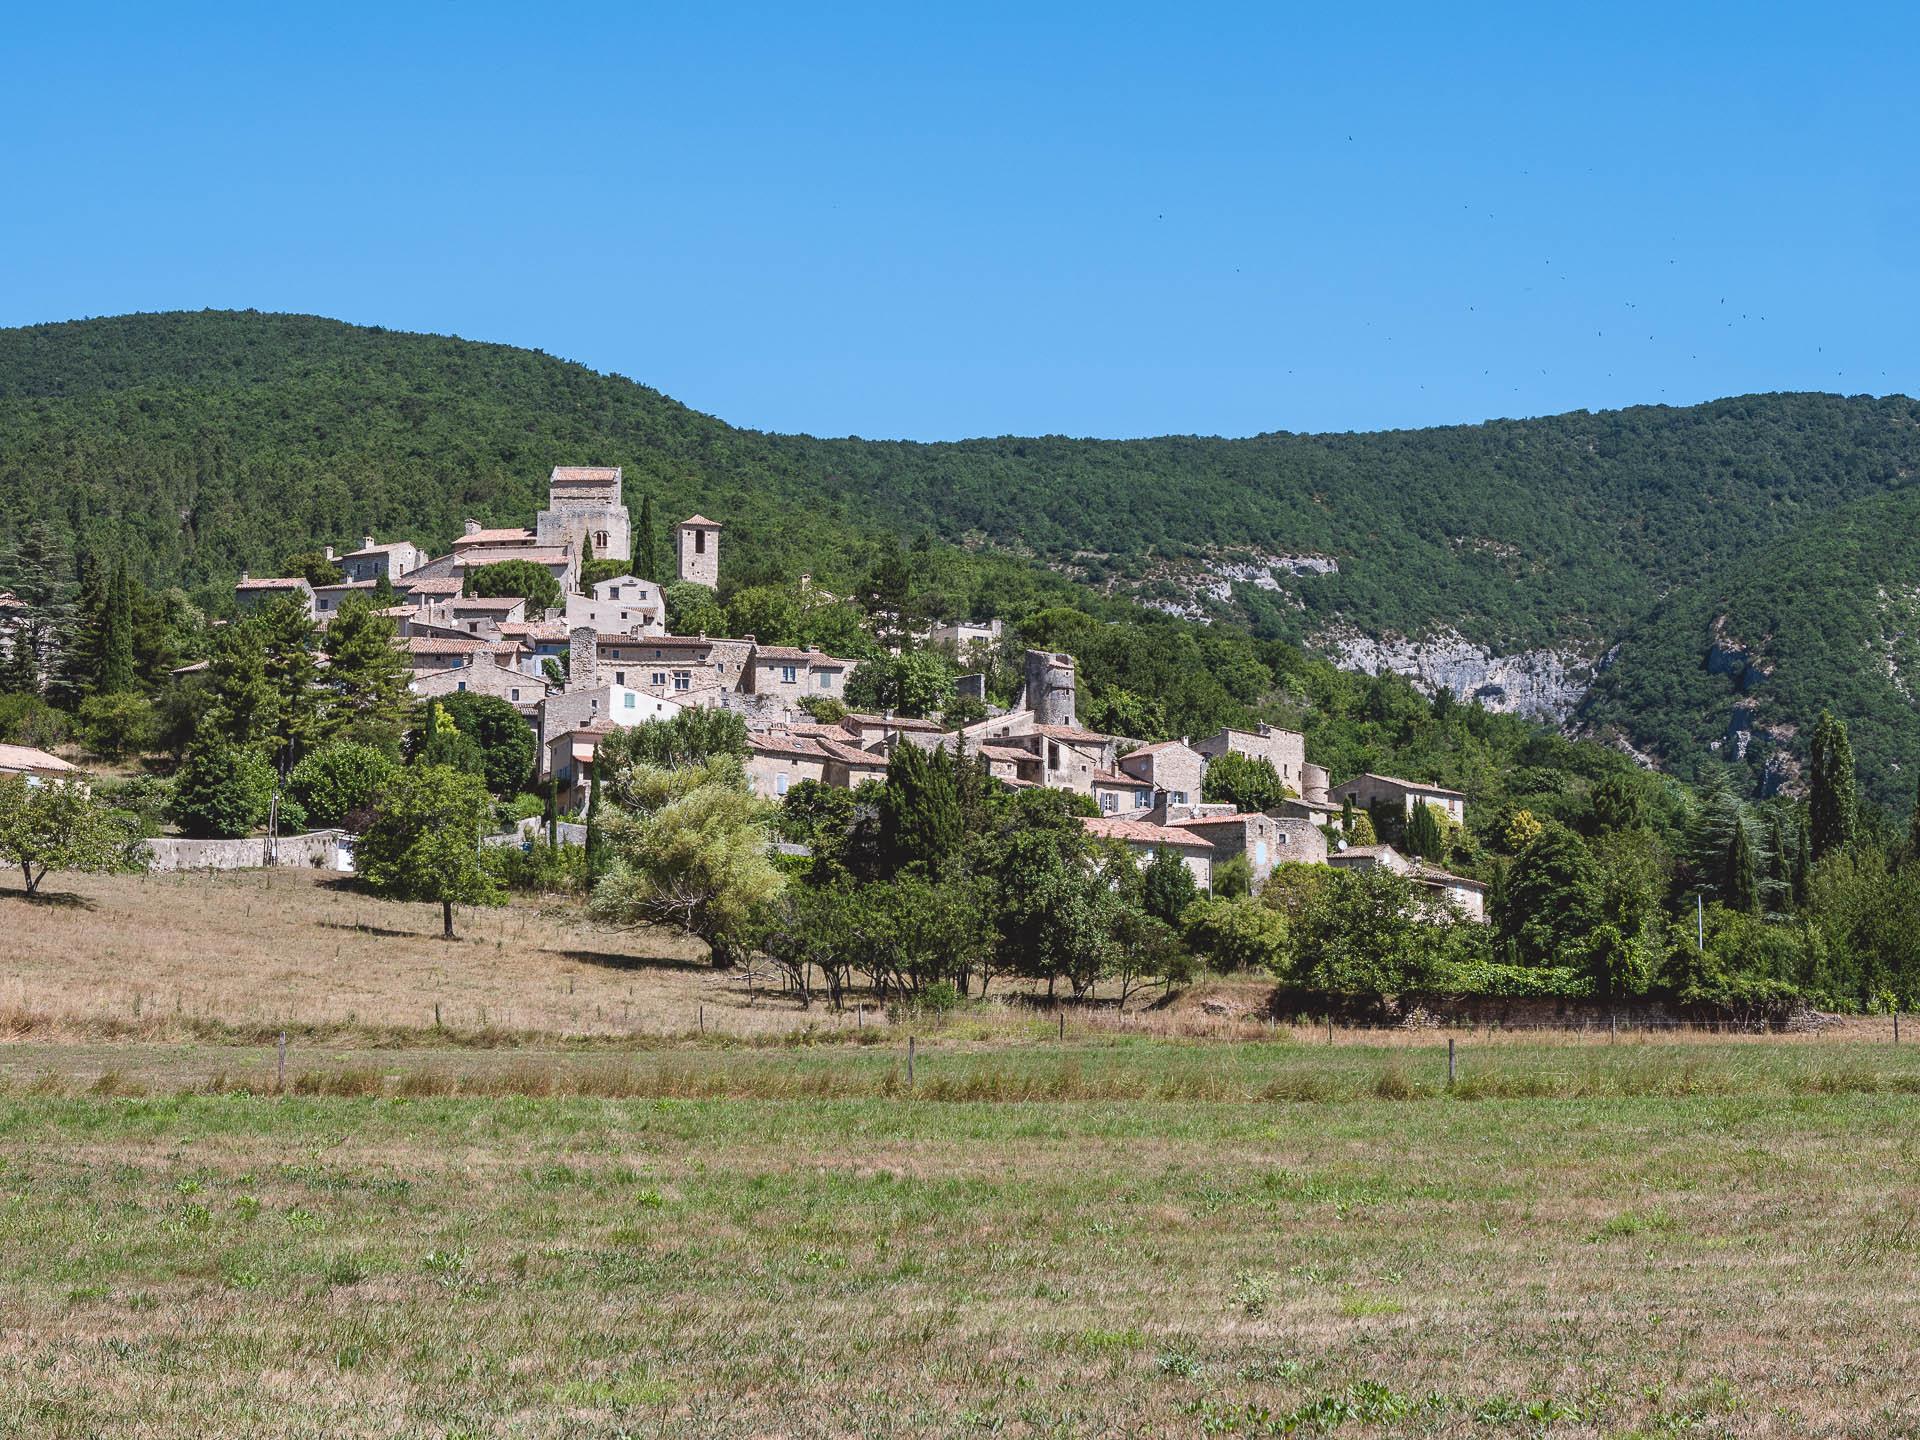 drôme village perché 1 - Les globe blogueurs - blog voyage nature